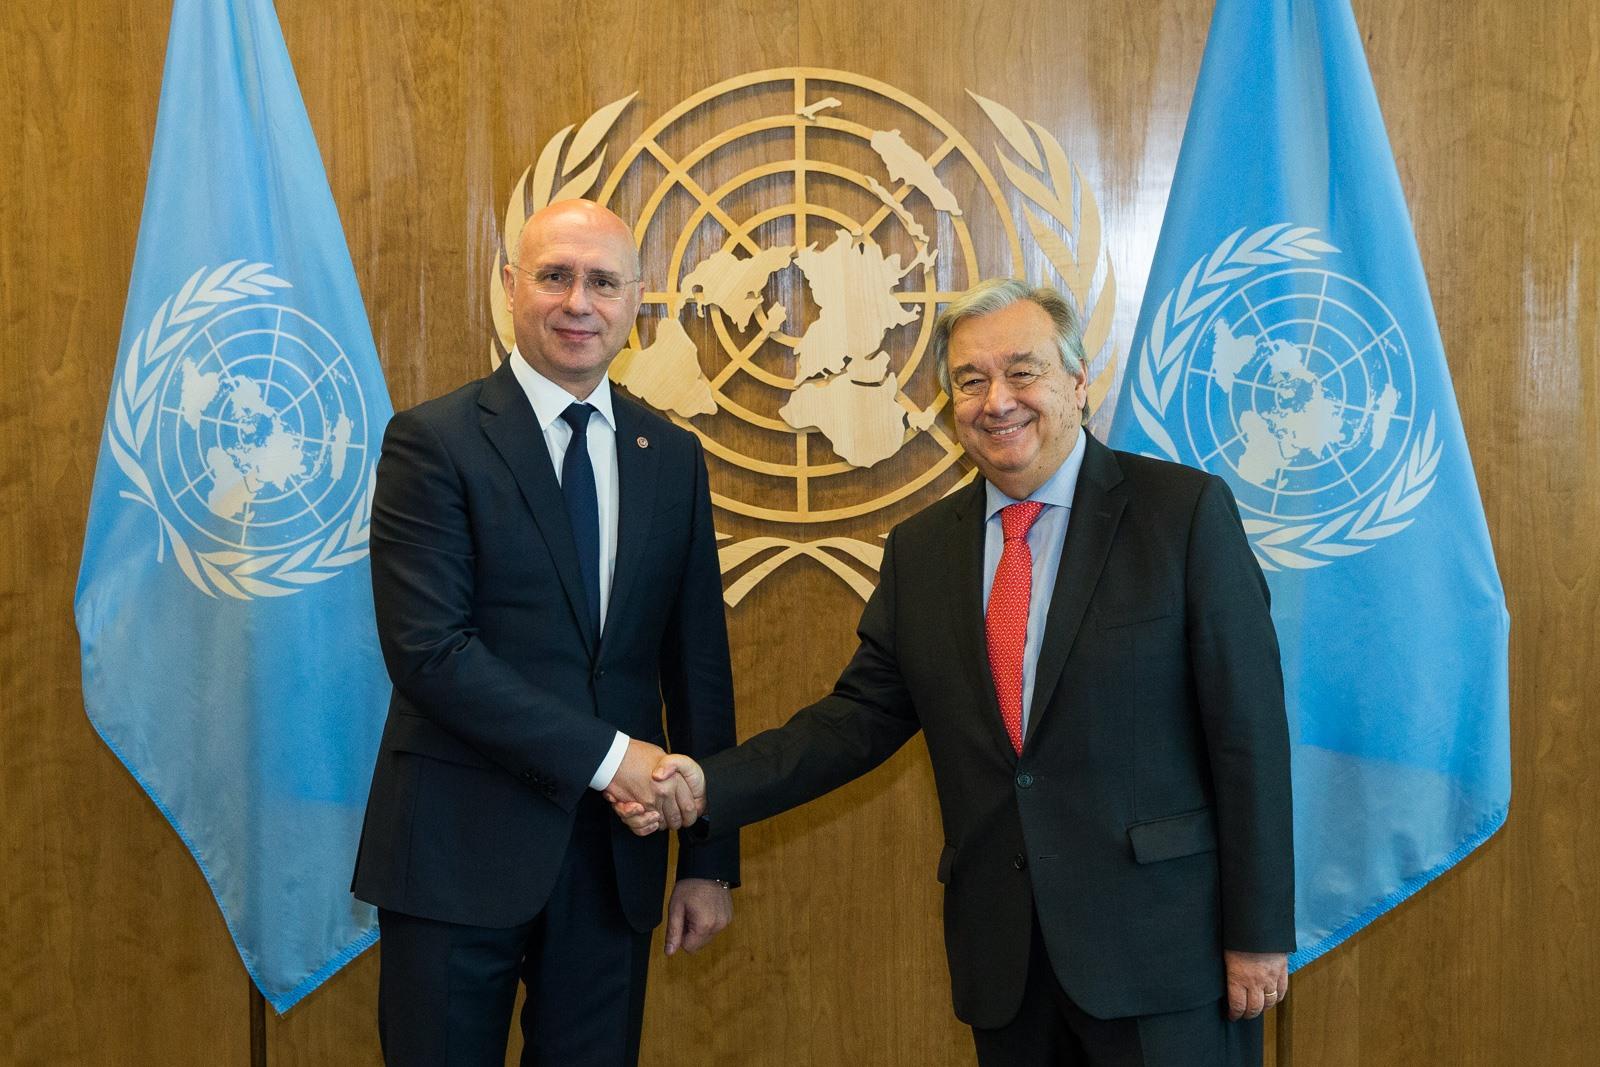 Pavel Filip către Secretarul General ONU, Apreciem că Organizația și-a concentrat atenția asupra retragerii trupelor ruse din Moldova, pdm, partidul democrat din moldova, vlad plahotniuc, maia sandu, igor dodon, andrei nastase